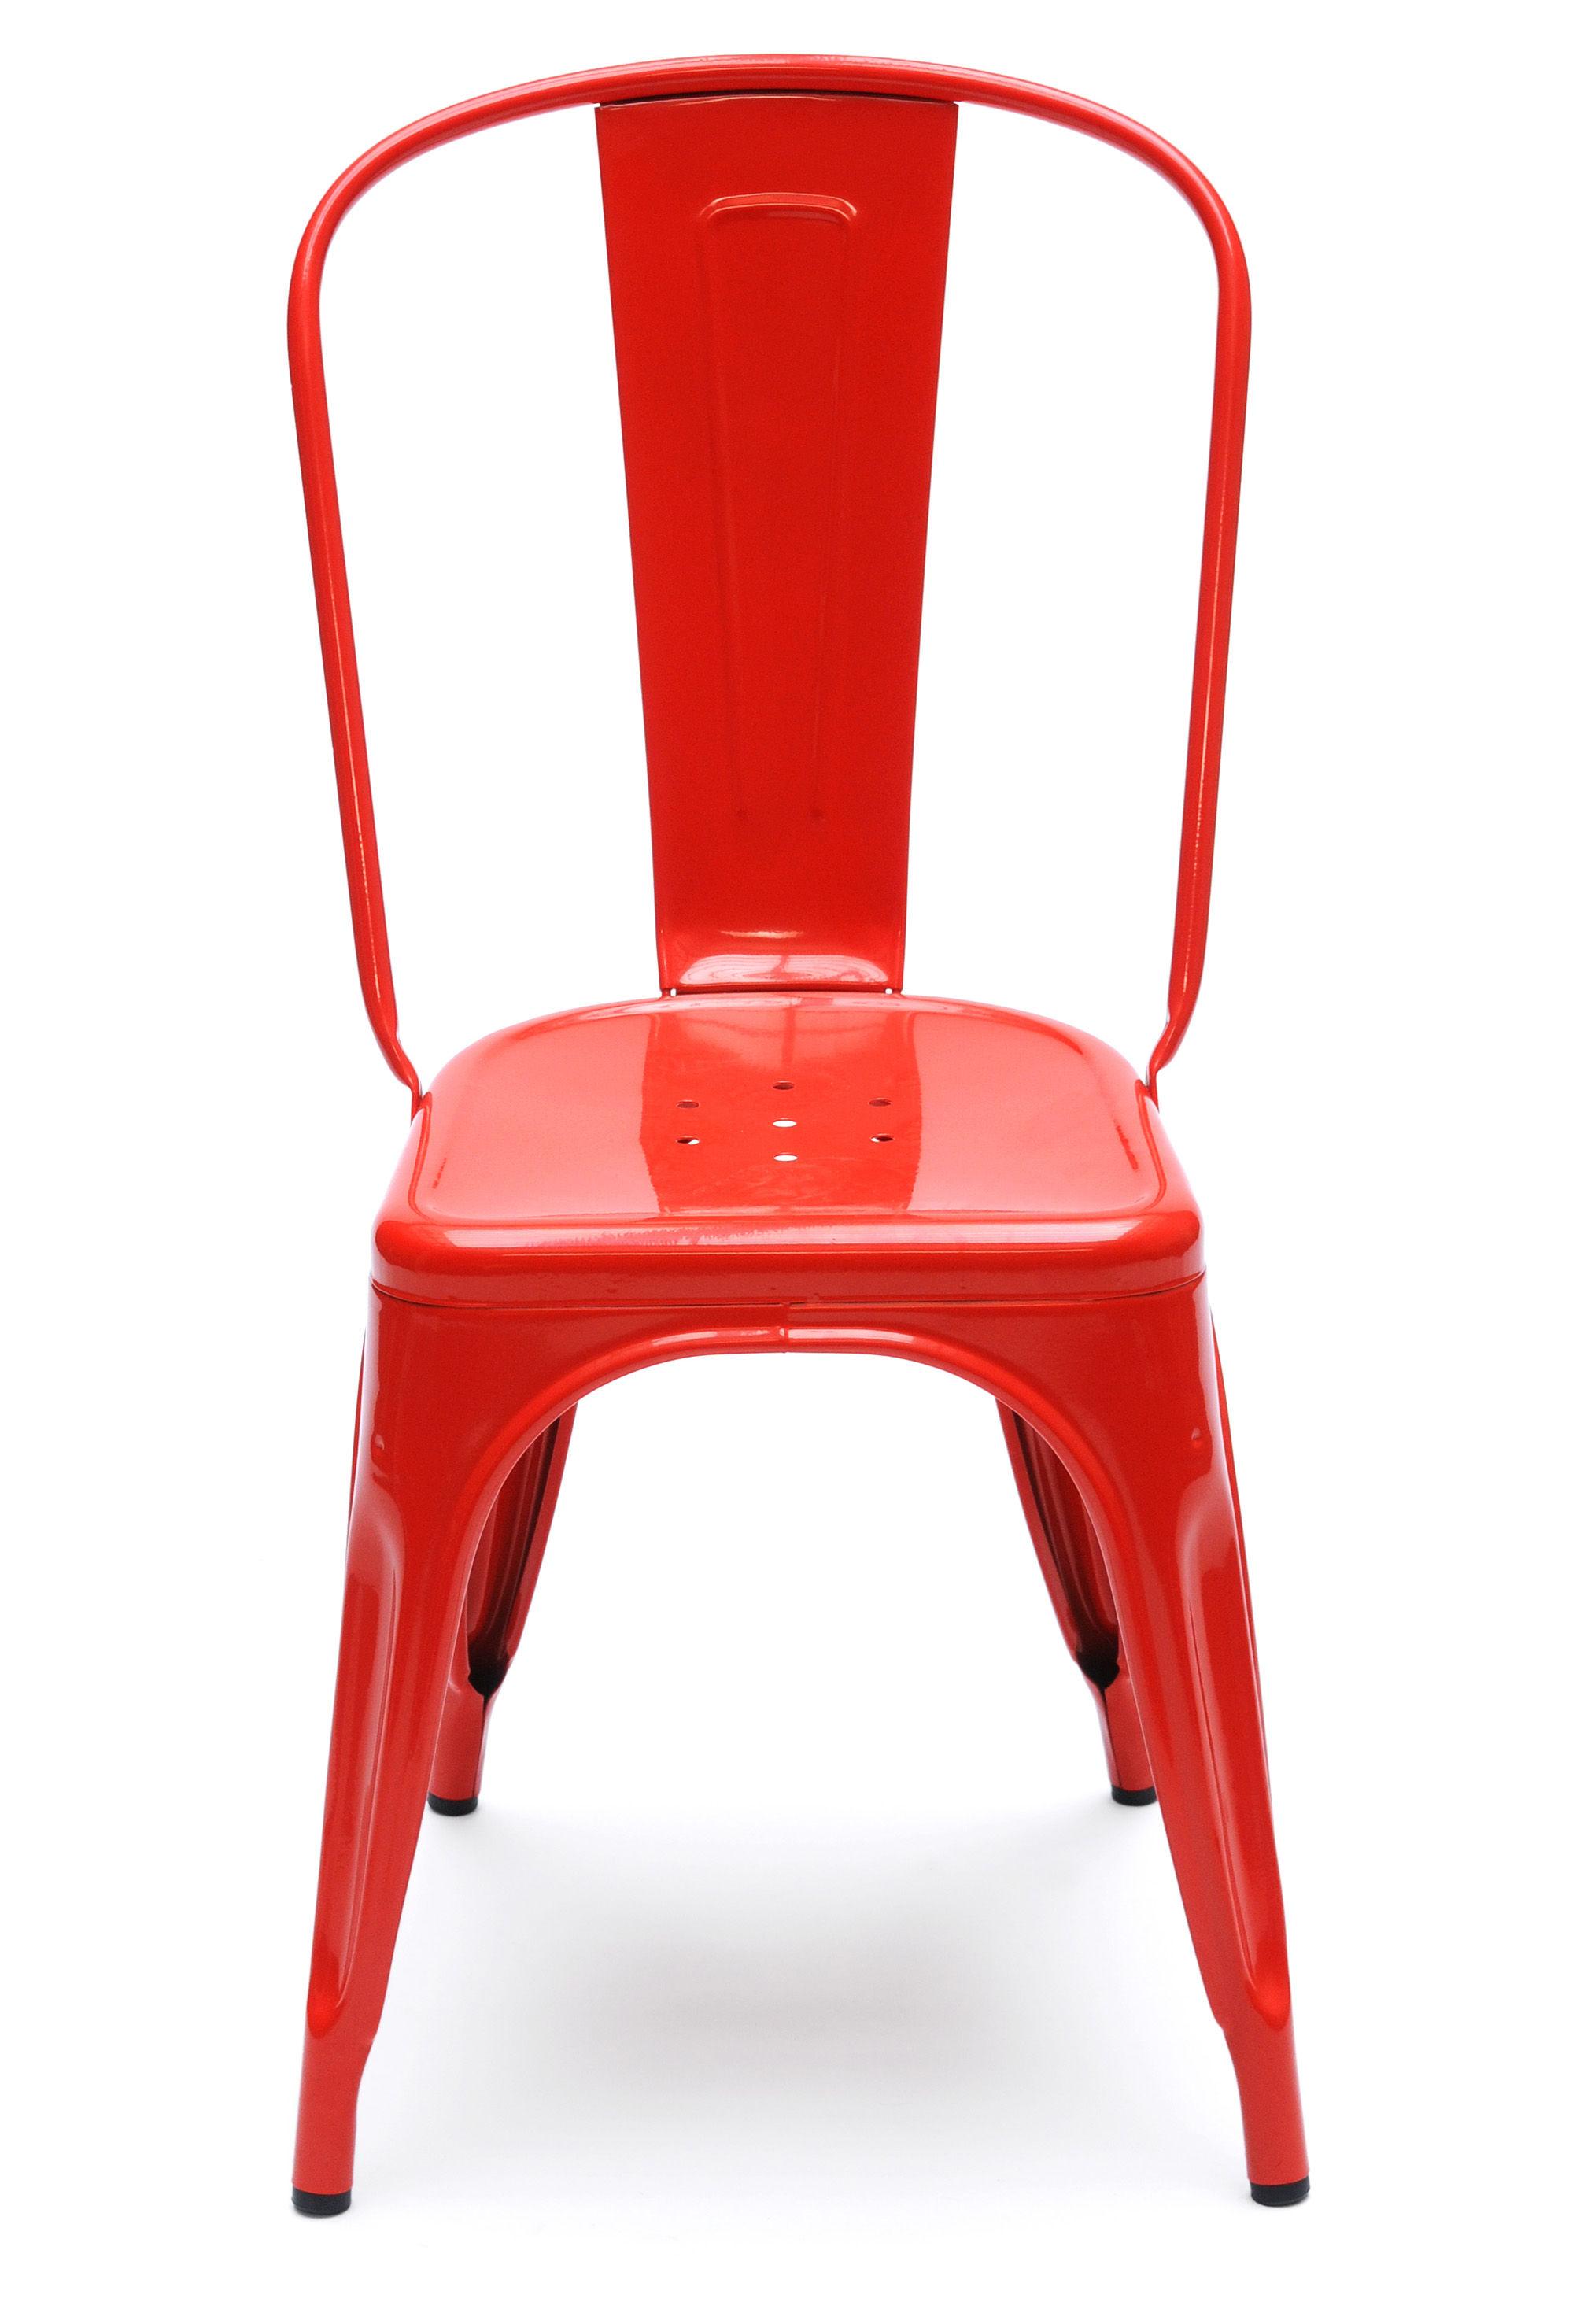 Chaise A empilable / Acier galvanisé - Intérieur